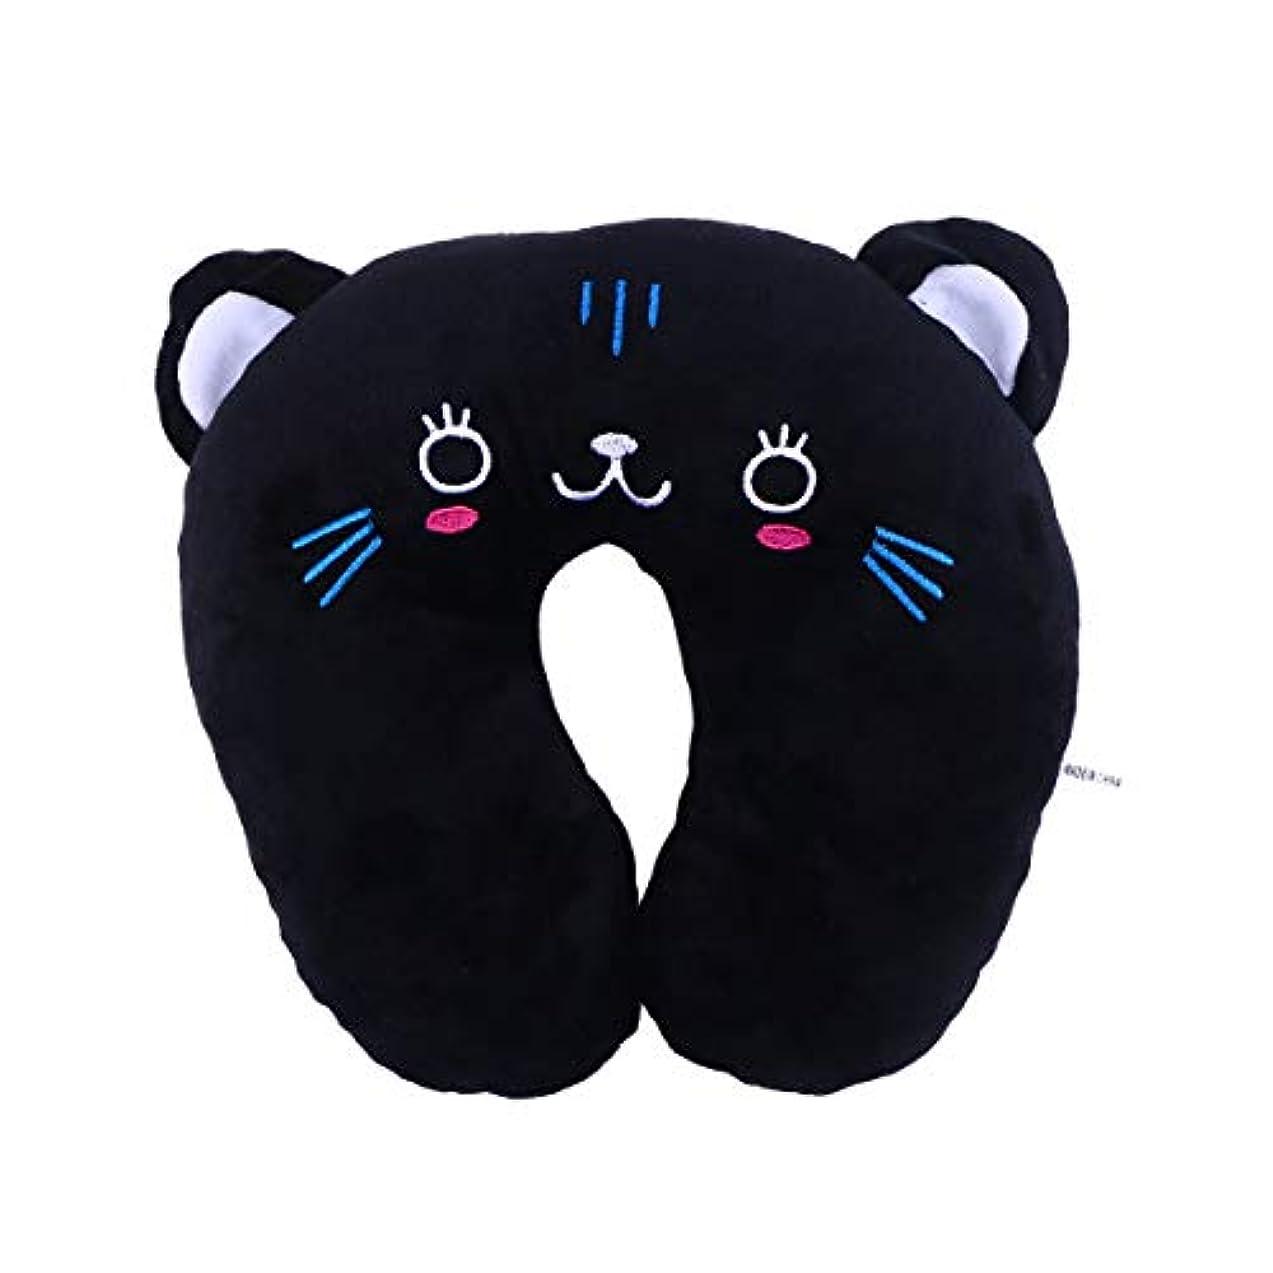 覚醒家禽カウンターパートHEALIFTY 首牽引枕漫画ぬいぐるみU字型枕首サポートクッション旅行枕飛行機のための車(黒猫)